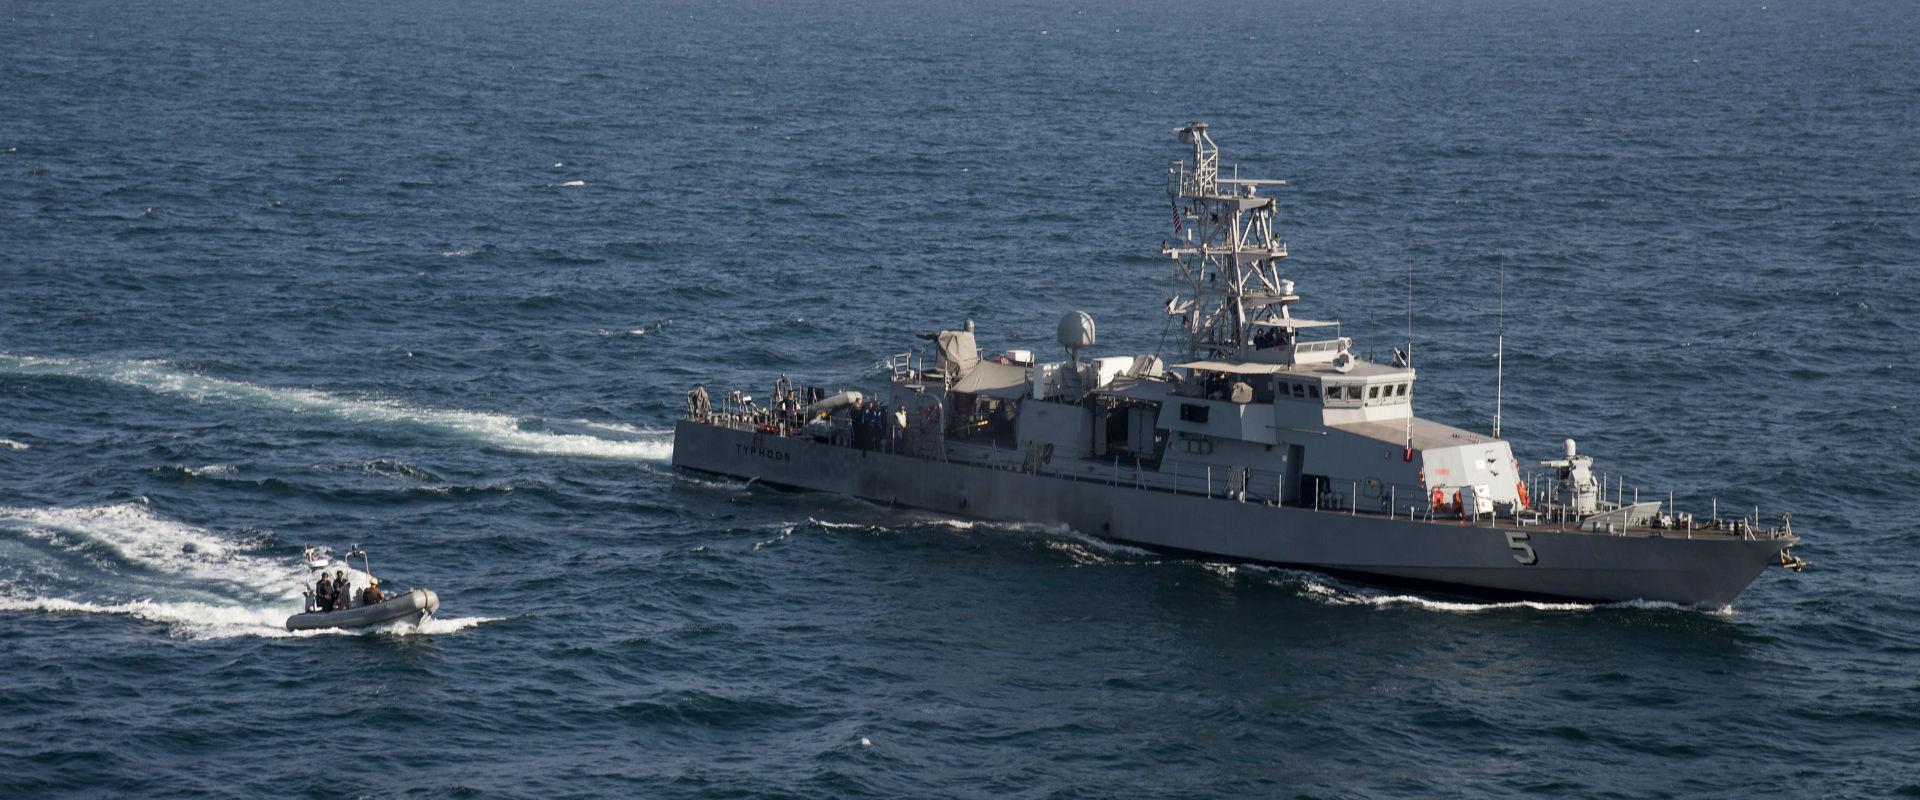 ספינה אמריקנית באזור המפרץ הפרסי (צילום: אי-פי)